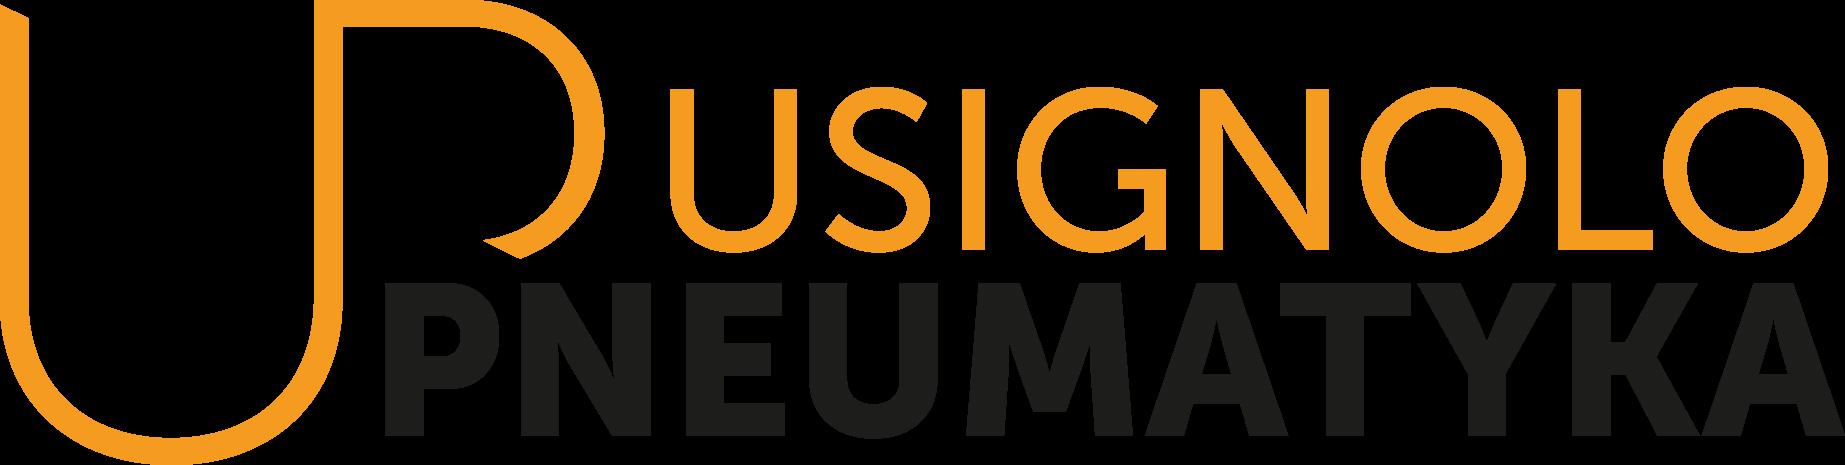 Usignolo Pneumatyka - Elementy pneumatyczne automatyki